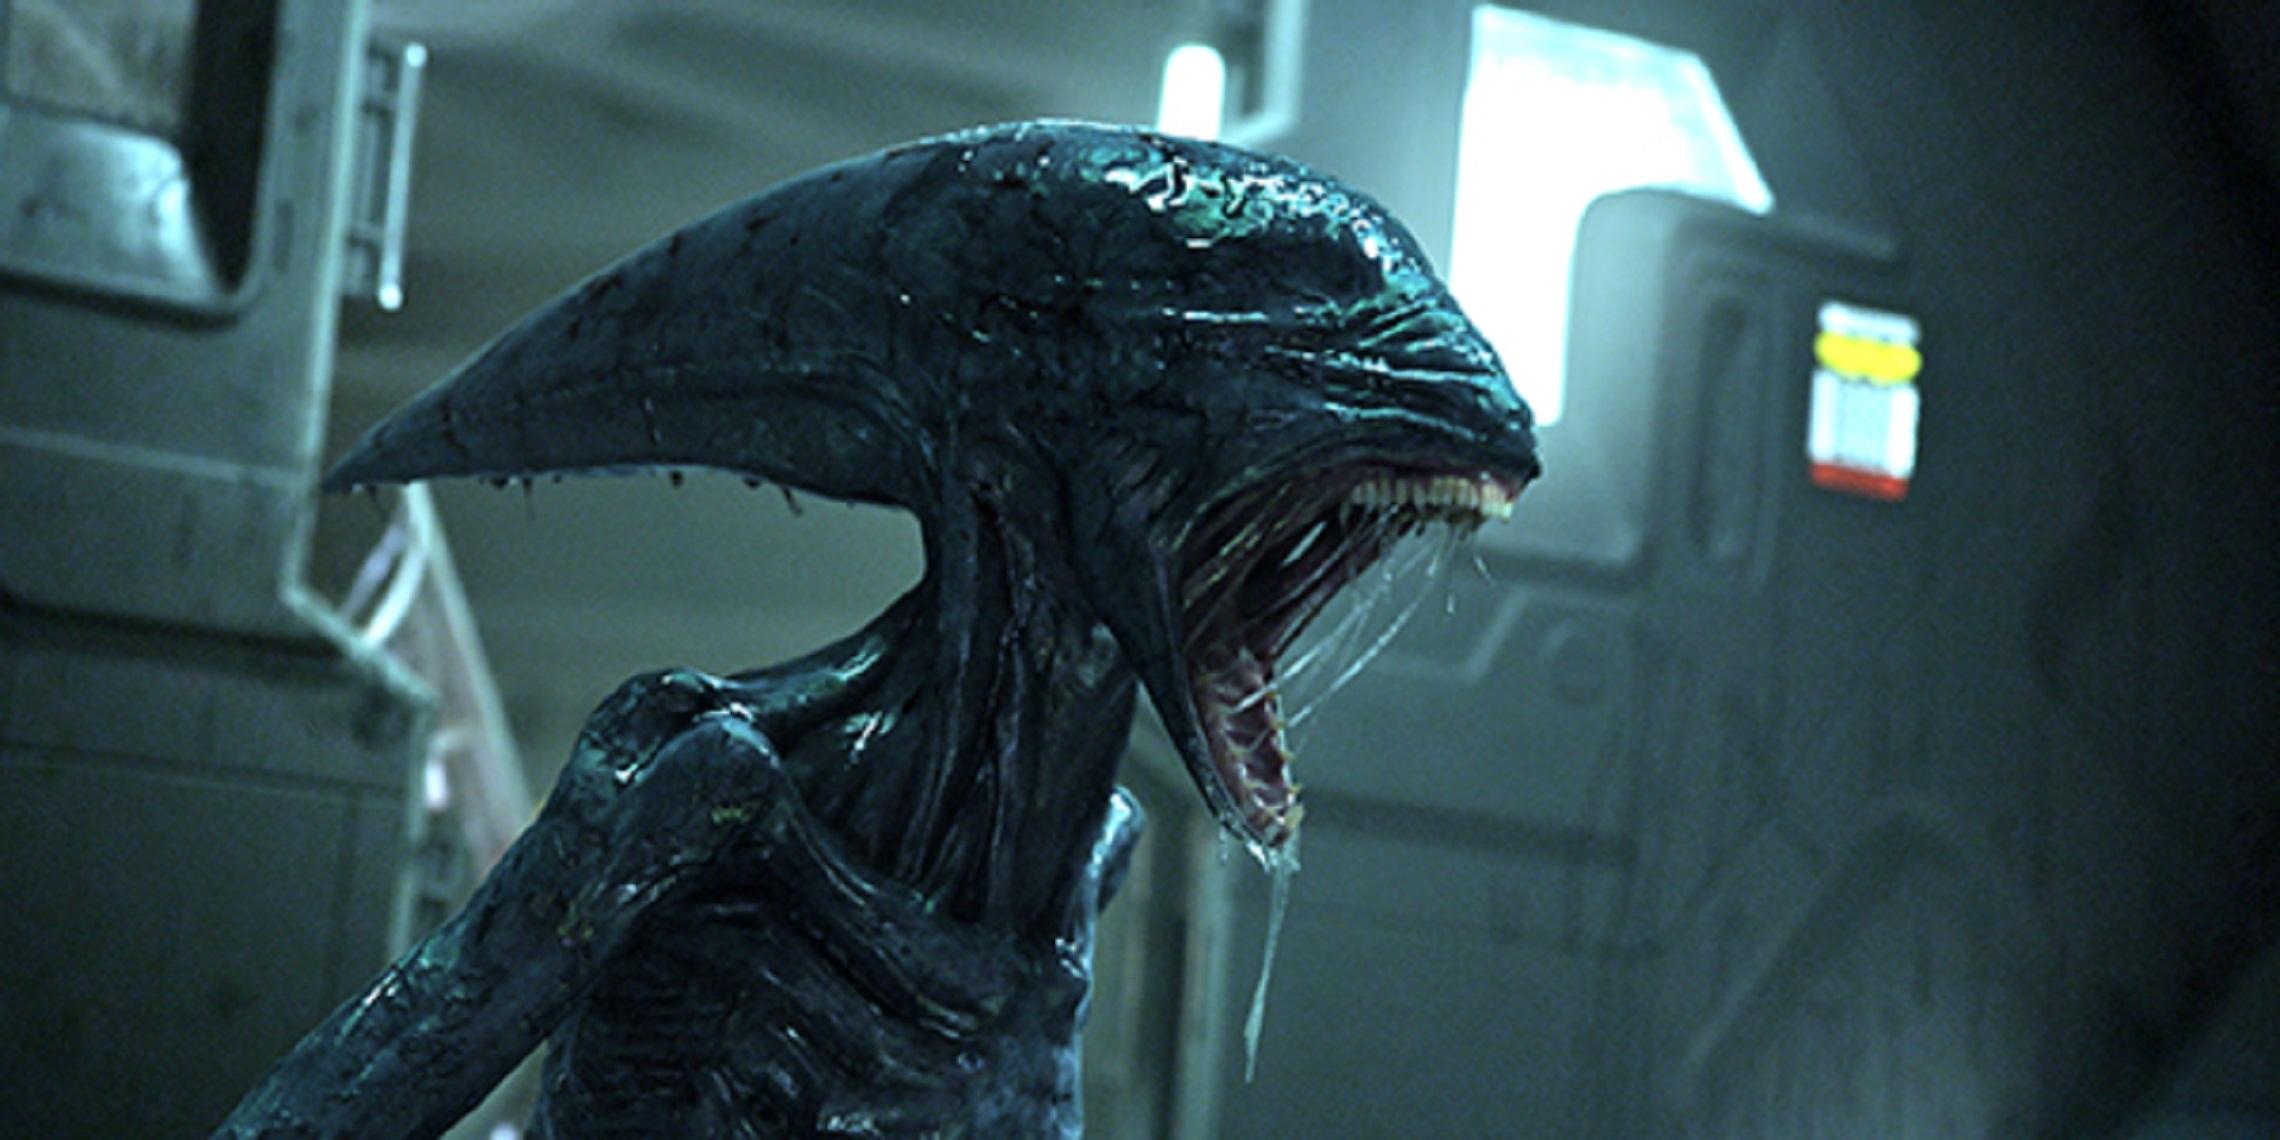 deacon_alien_prometheus_roar_by_grisador-d5ydgb6